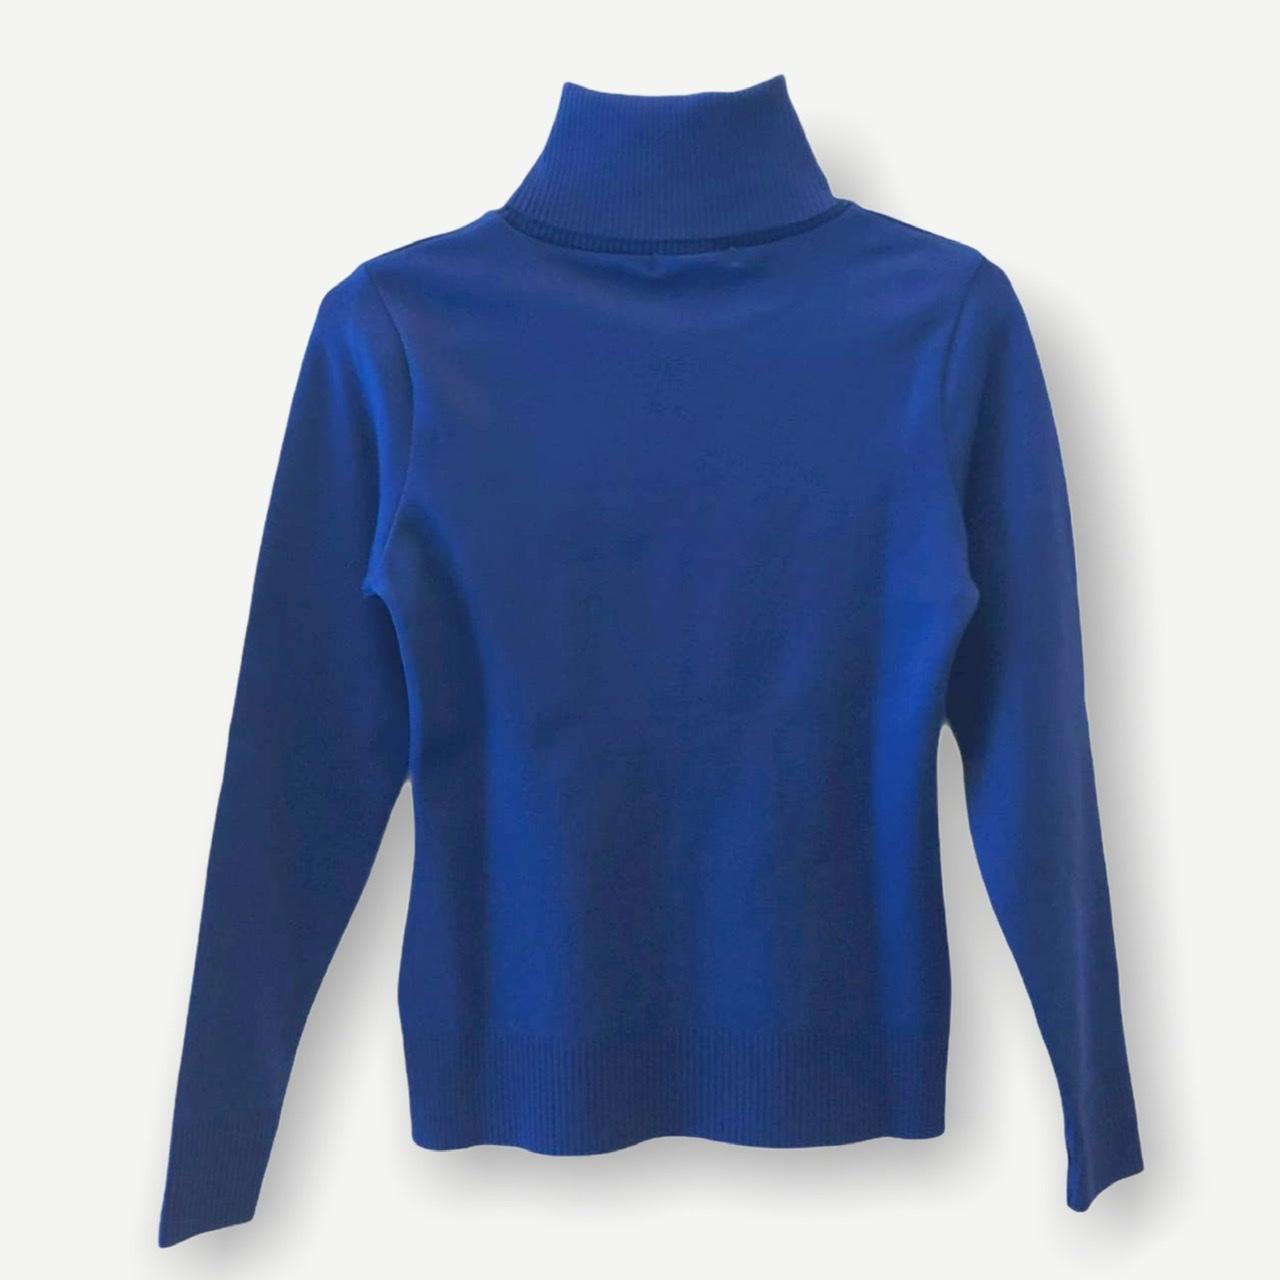 Blusa gola rolê azul royal tricot  - Vivian Bógus